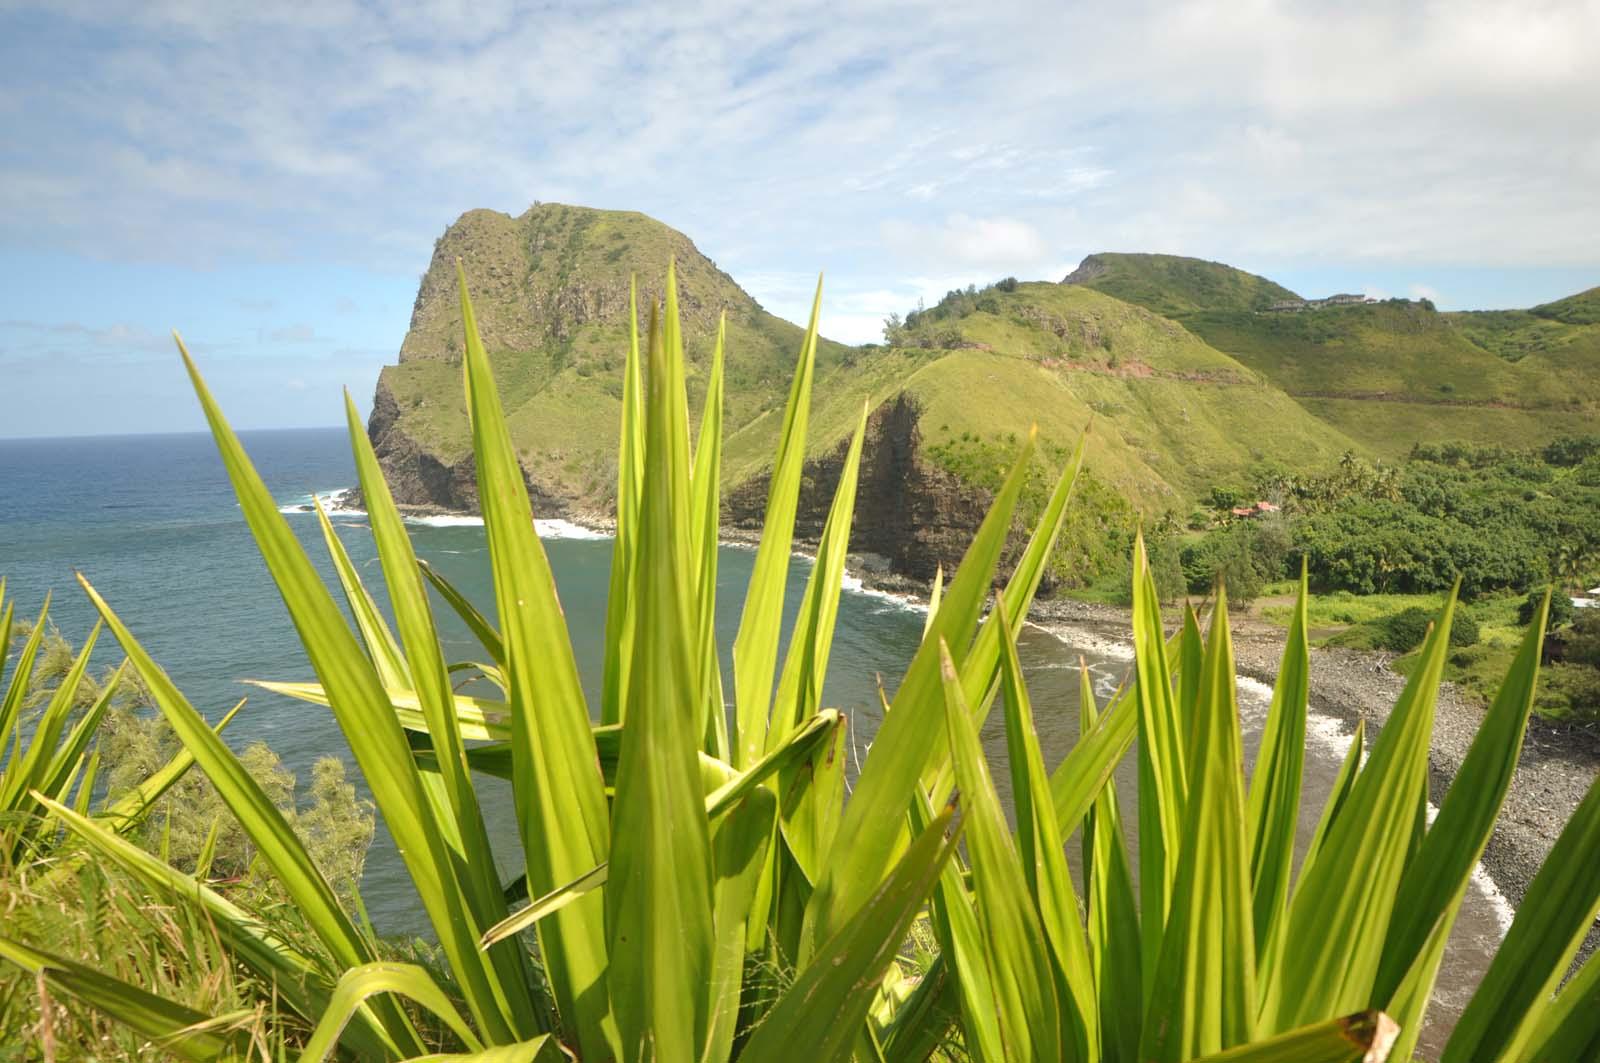 028_west_coast_maui_hawaii